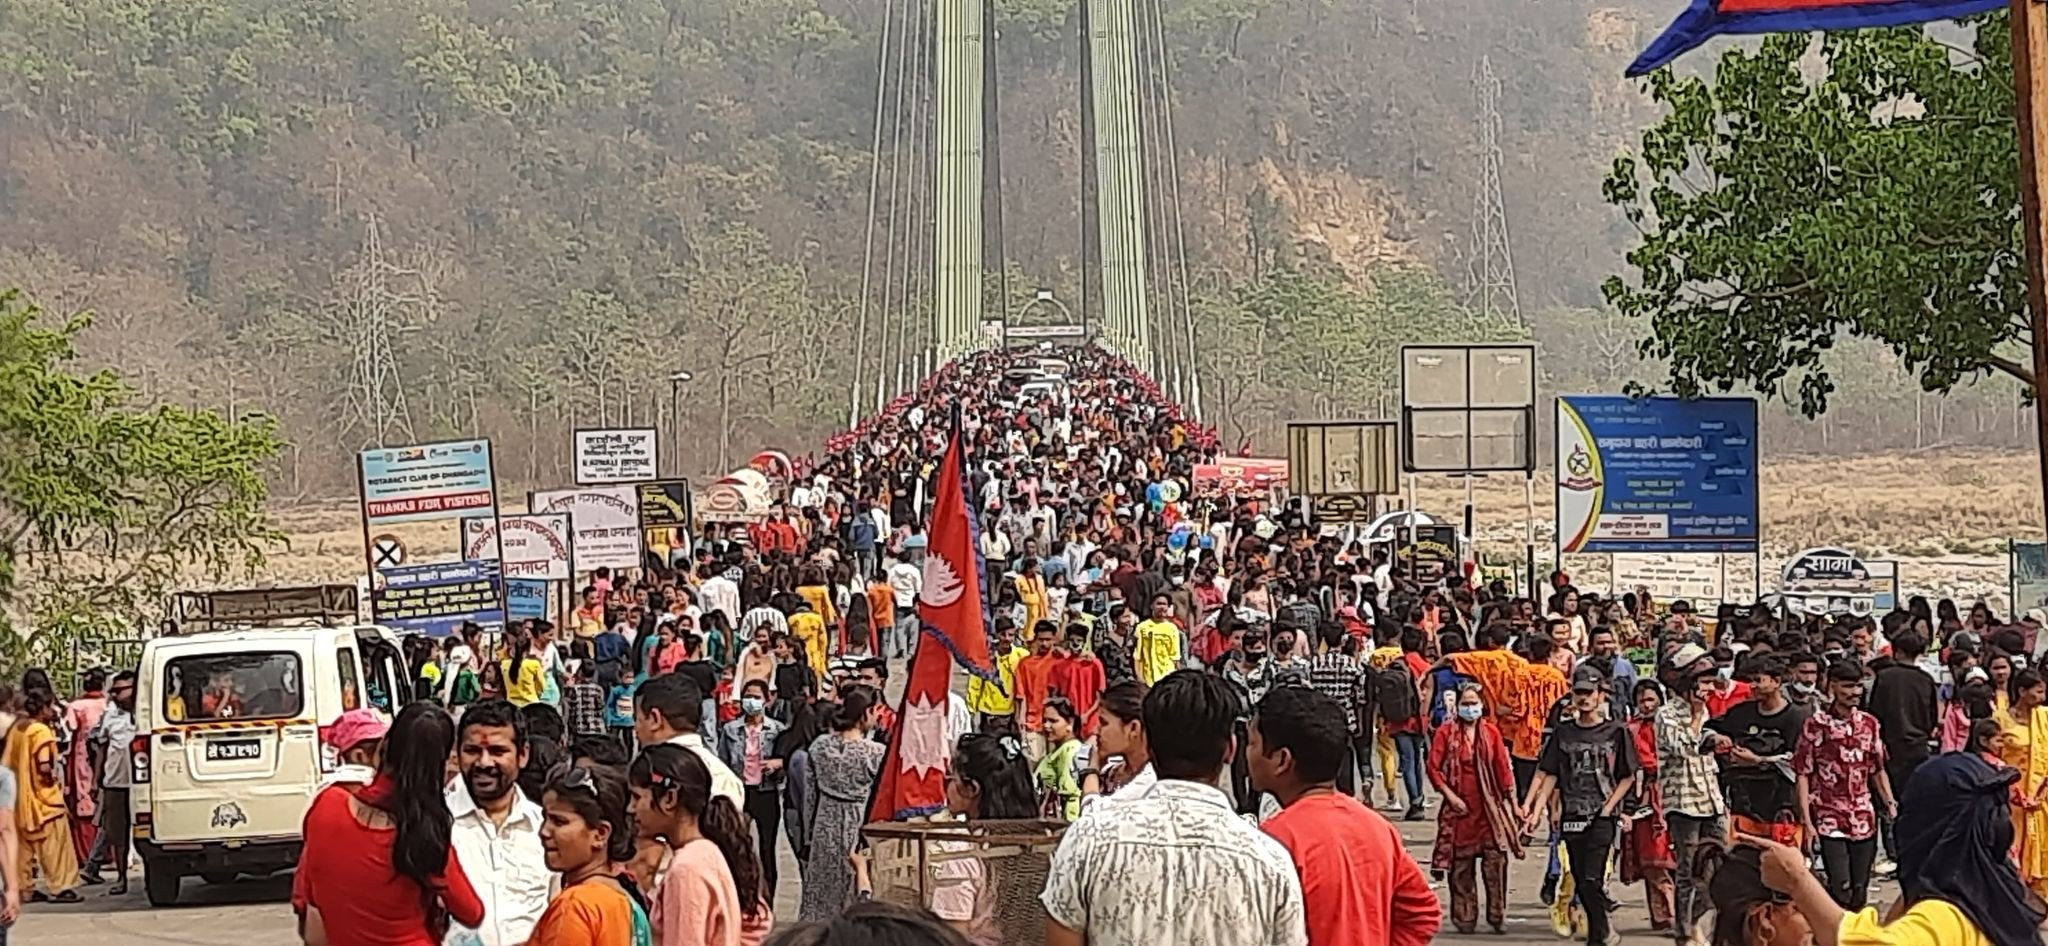 नयाँ वर्षको दिन कैलालीको कर्णाली पुलमा पुगेका आन्तरिक पर्यटक